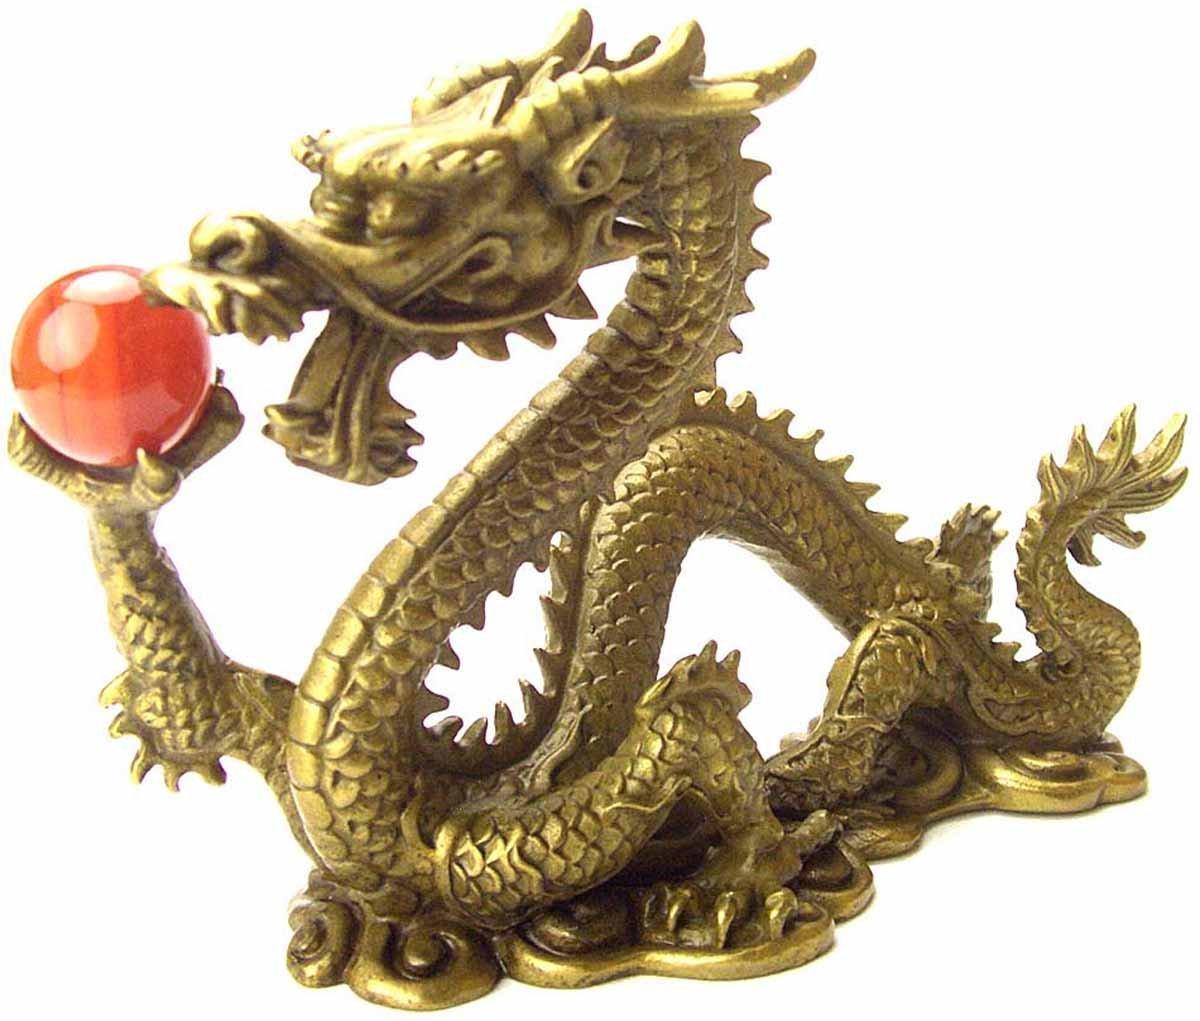 風水の皇帝龍五本指の願い龍(銅製) レッドメノウ付き 夫婦仲子宝 B002KAP7XS